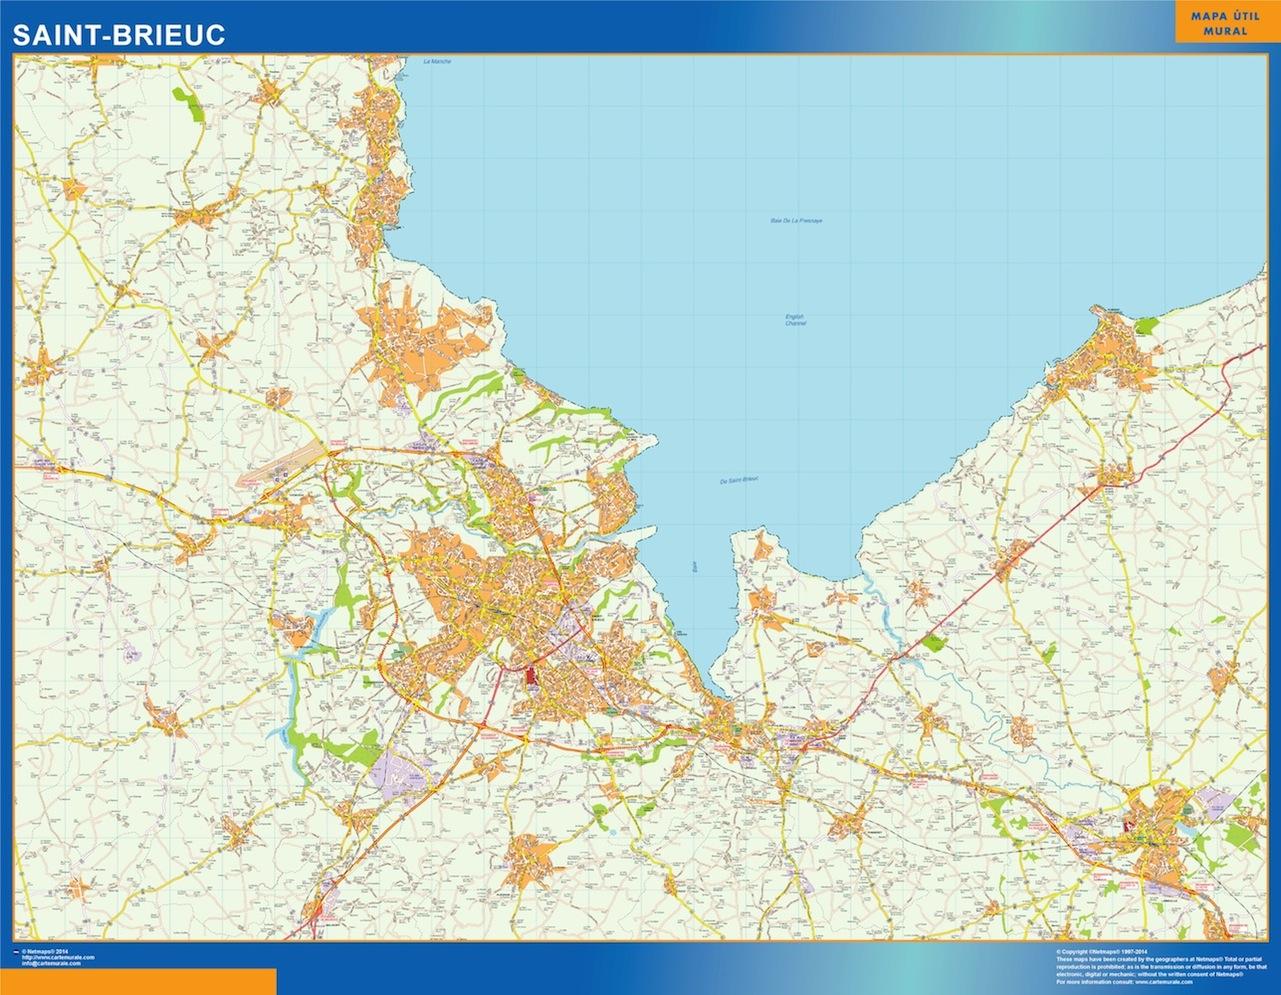 Mapa Saint-brieuc en Francia plastificado gigante